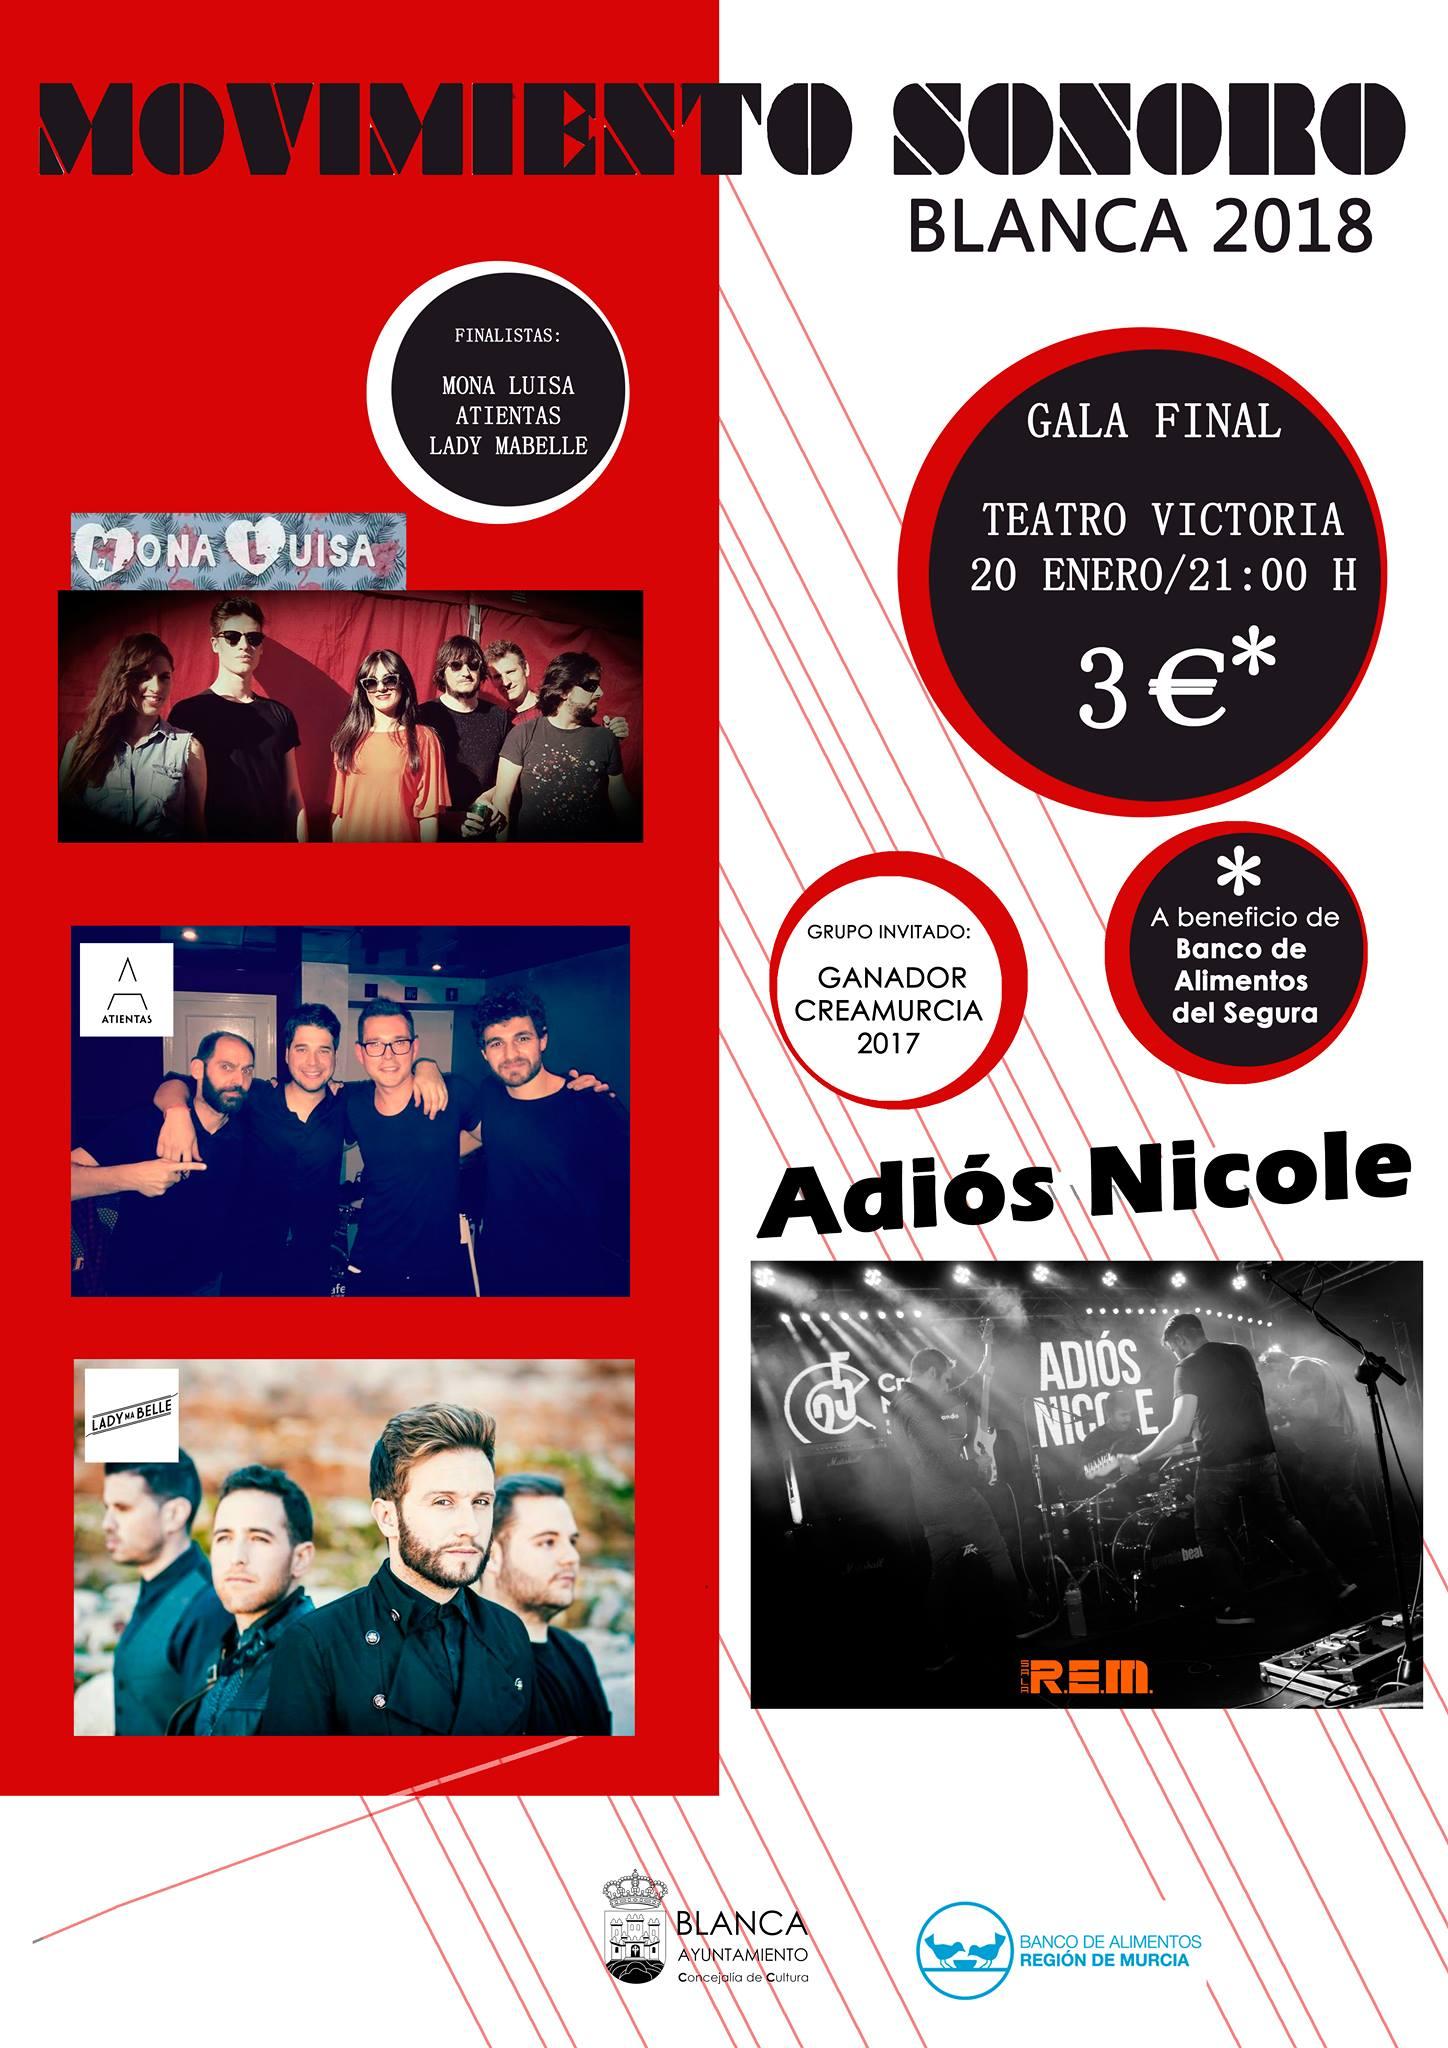 Movimiento Sonoro ya tiene a los tres finalistas de la segunda edición